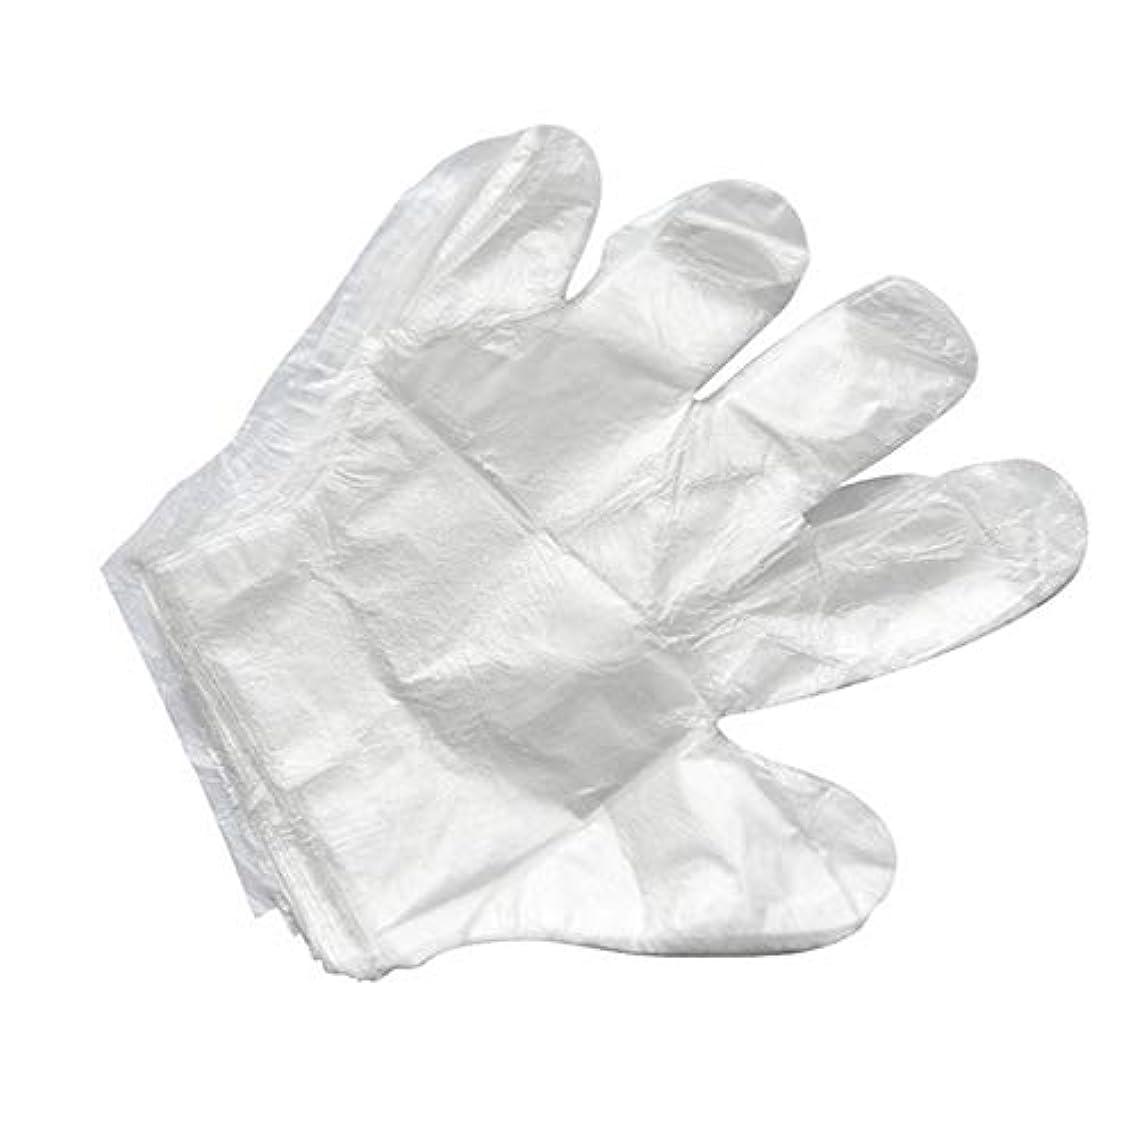 使い捨て手袋バーベキューアクセサリー高度なキャスティング手袋使い捨てケータリングDIYクリーニングヘアダイ食品グレードプラスチック手袋(2000)透明のみ